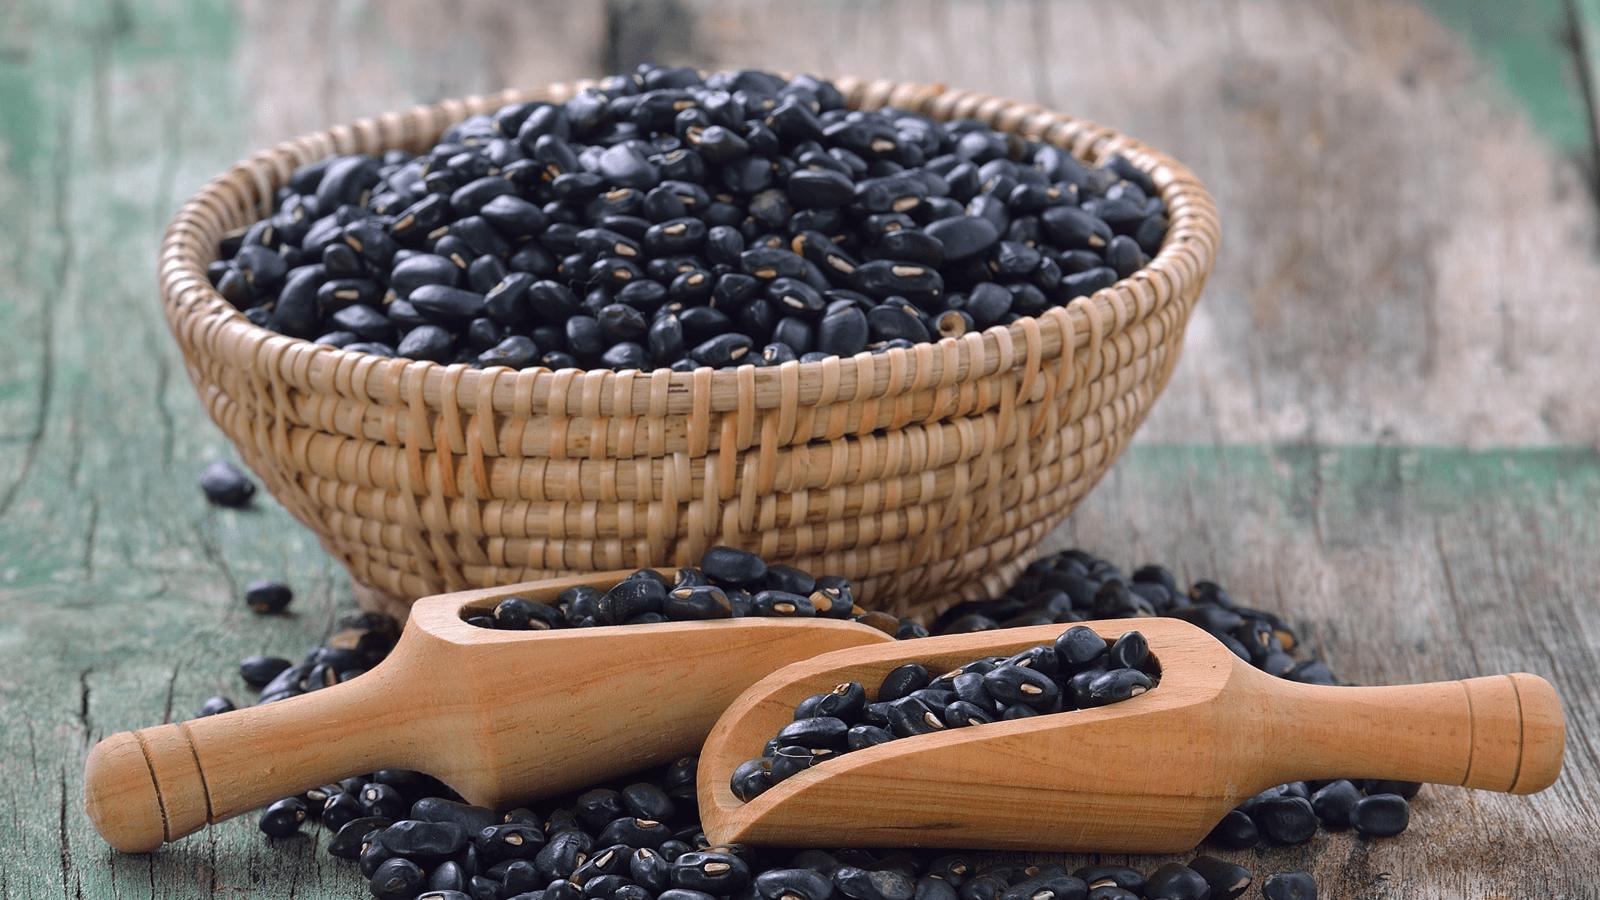 Đây là 6 loại rau, hạt chứa nhiều protein hơn cả thịt, bạn có thể tận dụng để vừa bồi bổ được cơ thể lại giảm cân hiệu quả - Ảnh 2.